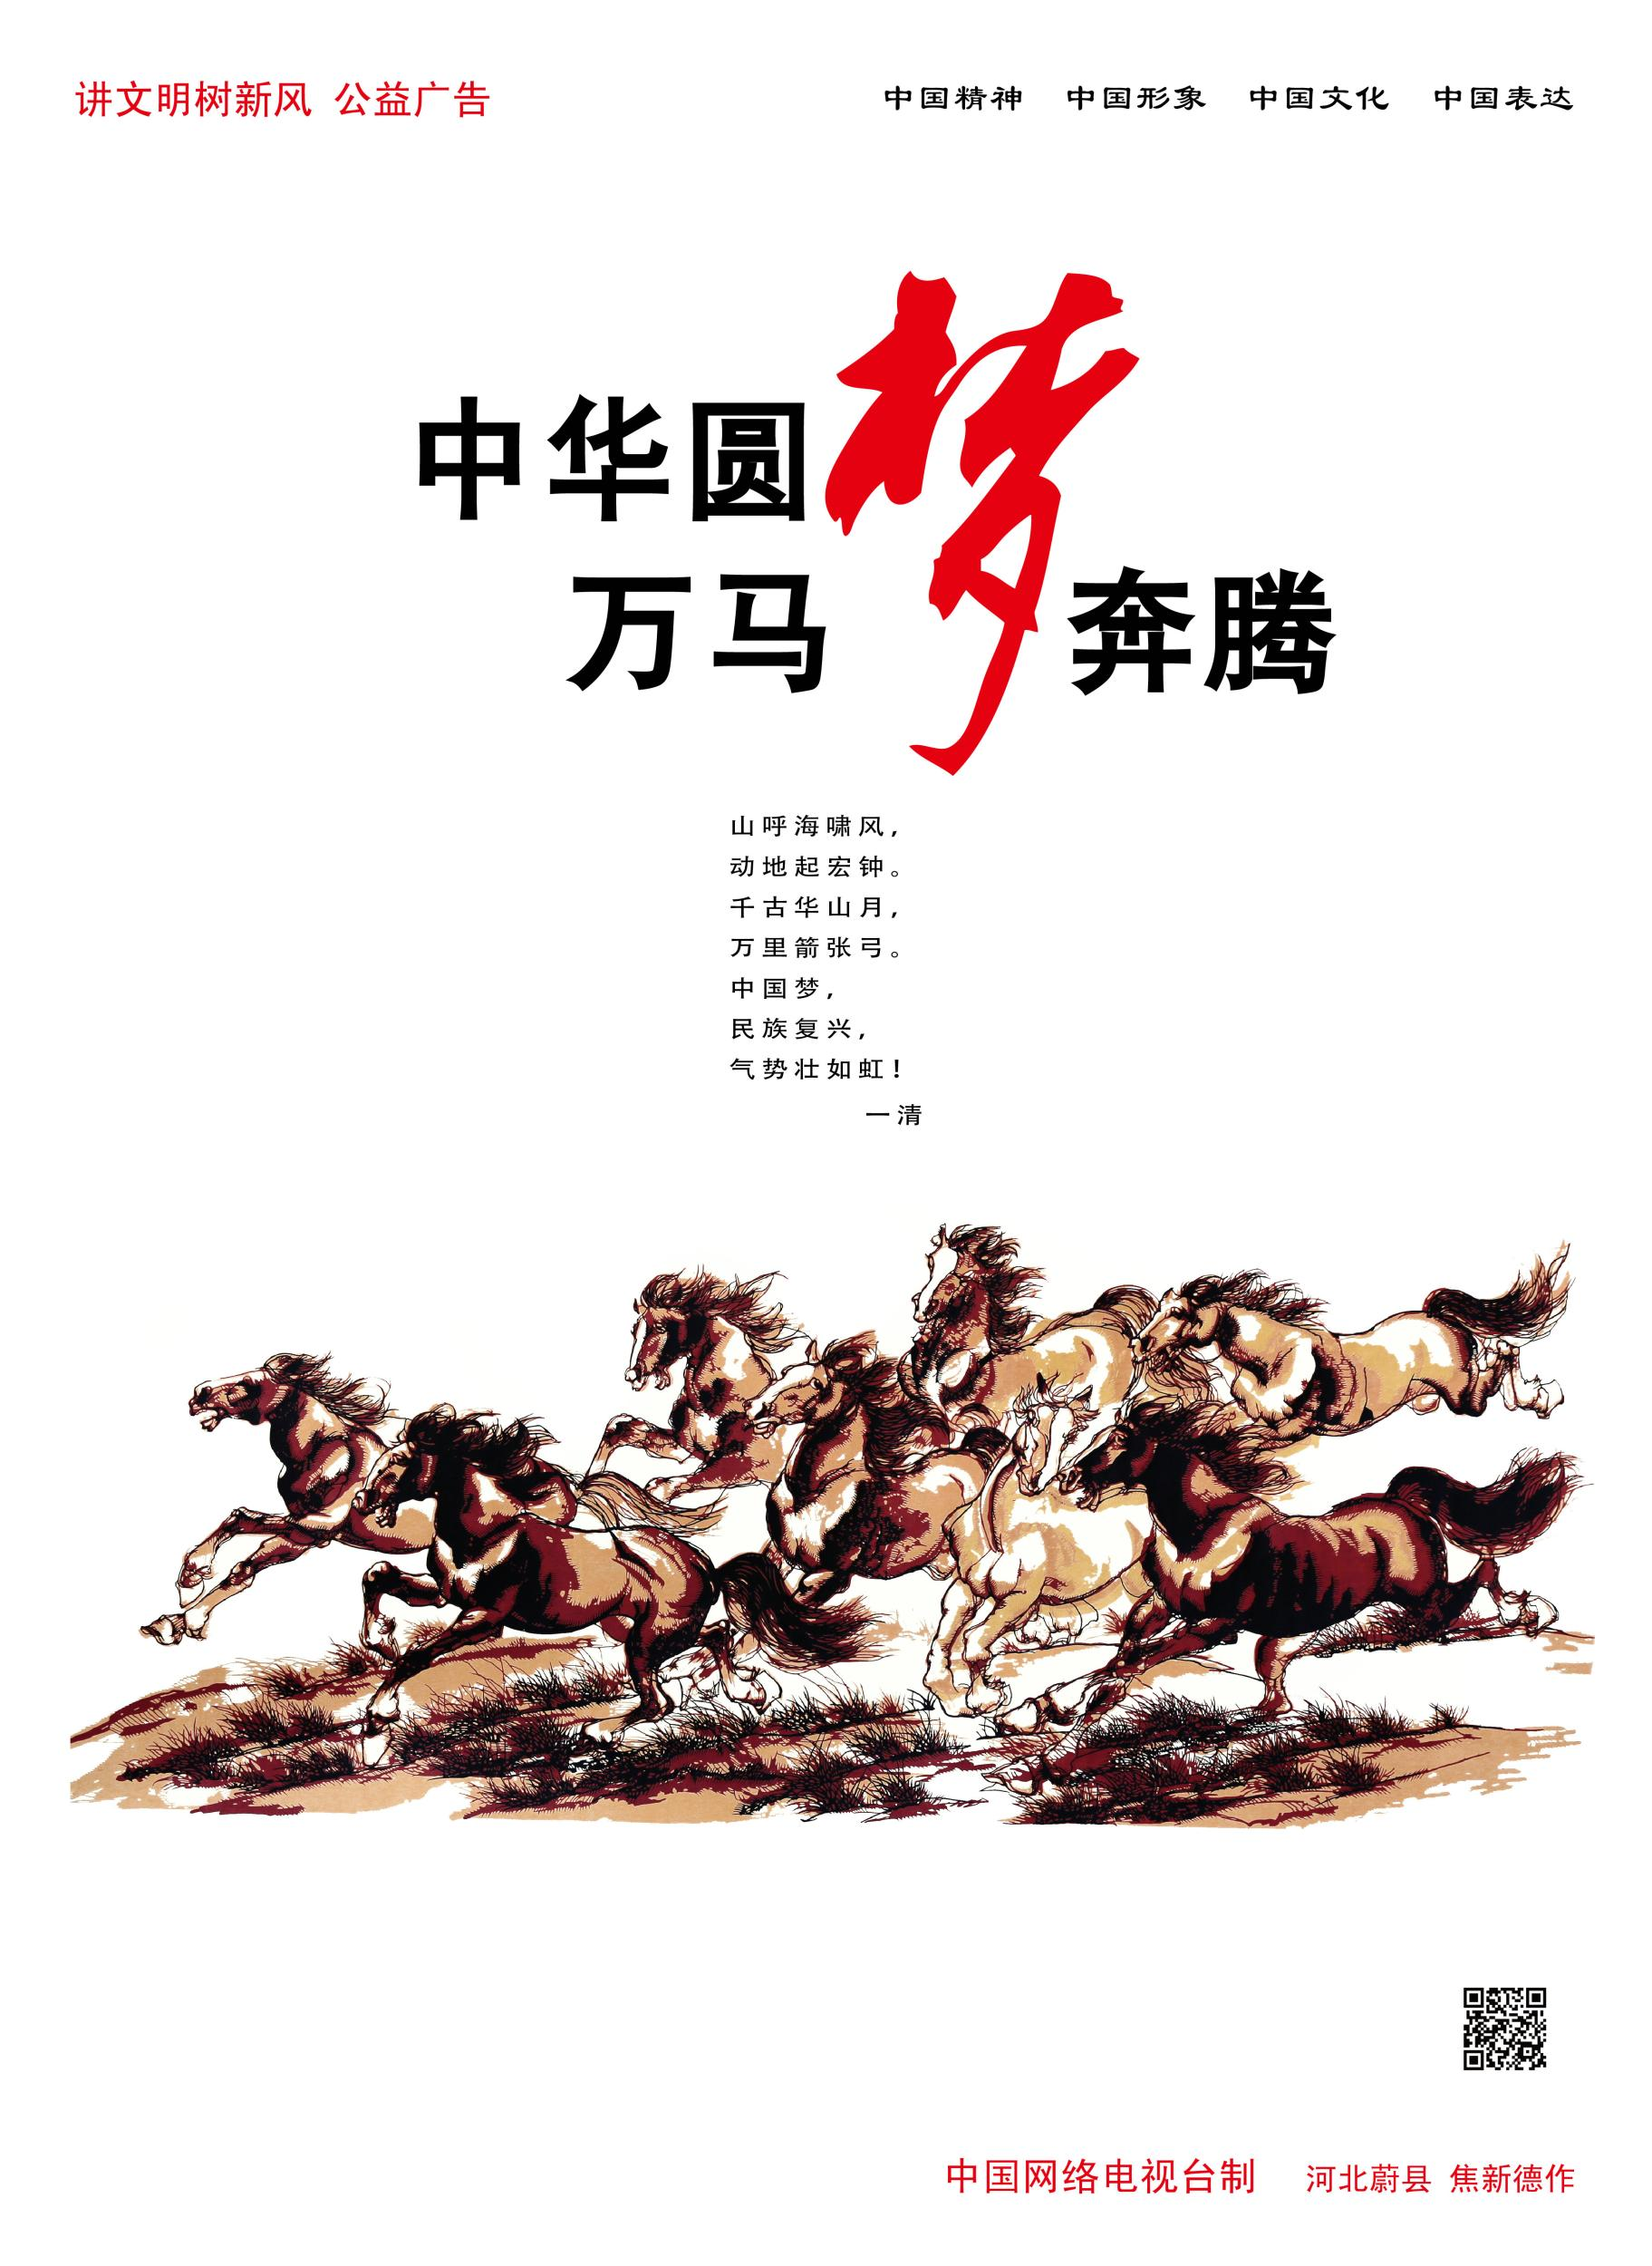 【公益广告】中华圆梦 万马奔腾图片